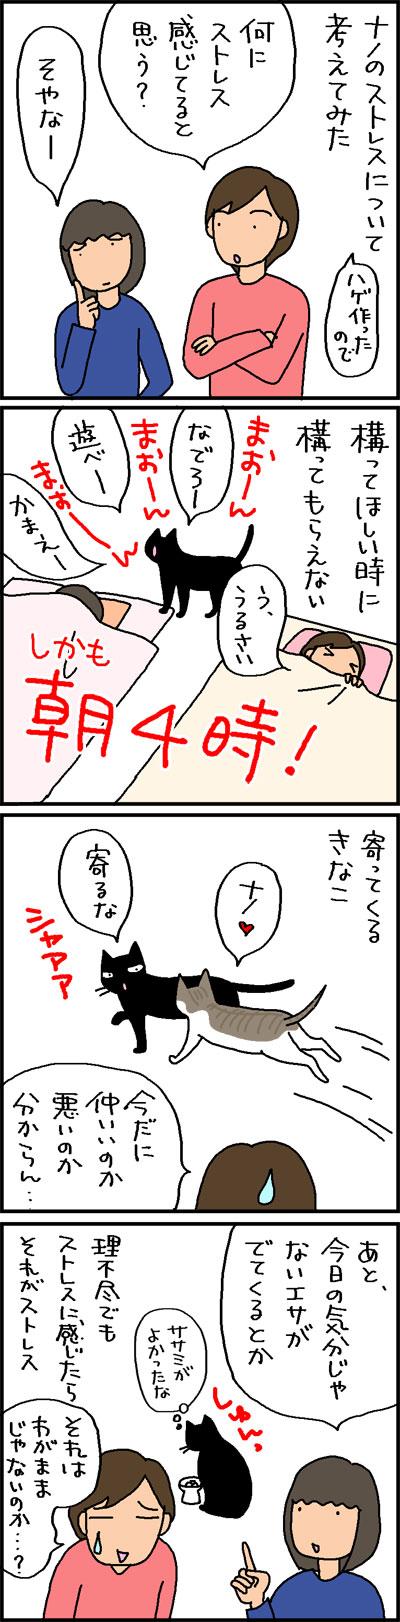 猫のストレスについて考える4コマネコ漫画